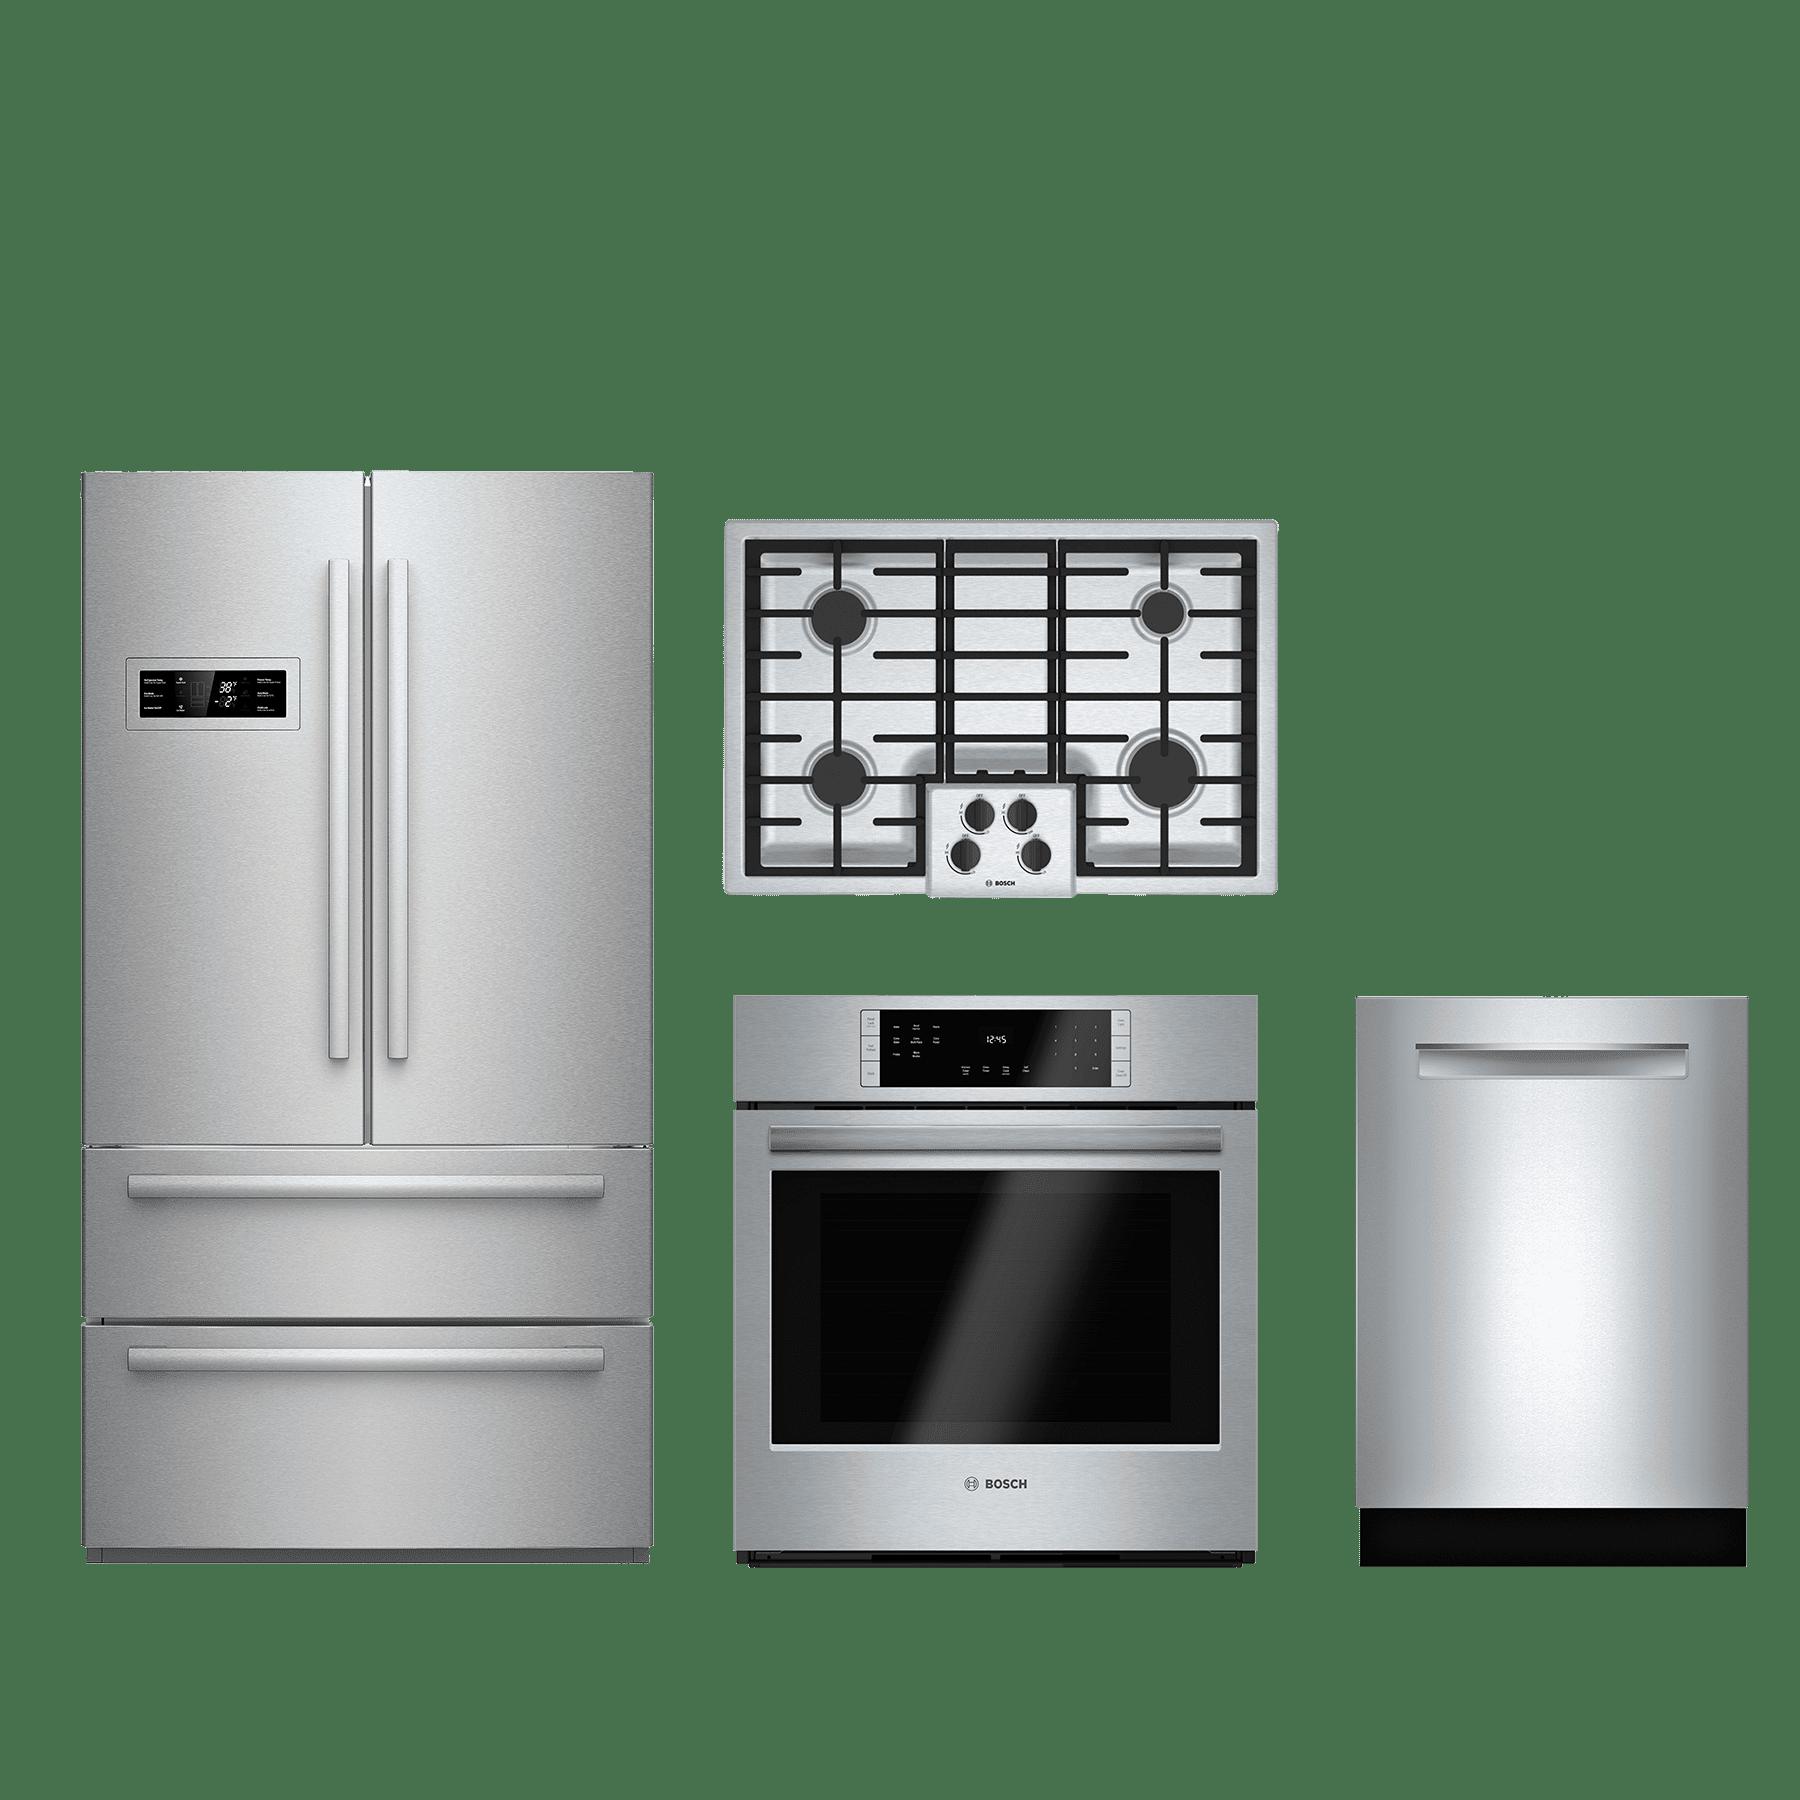 Bosch 4 Piece Kitchen Package-Stainless Steel